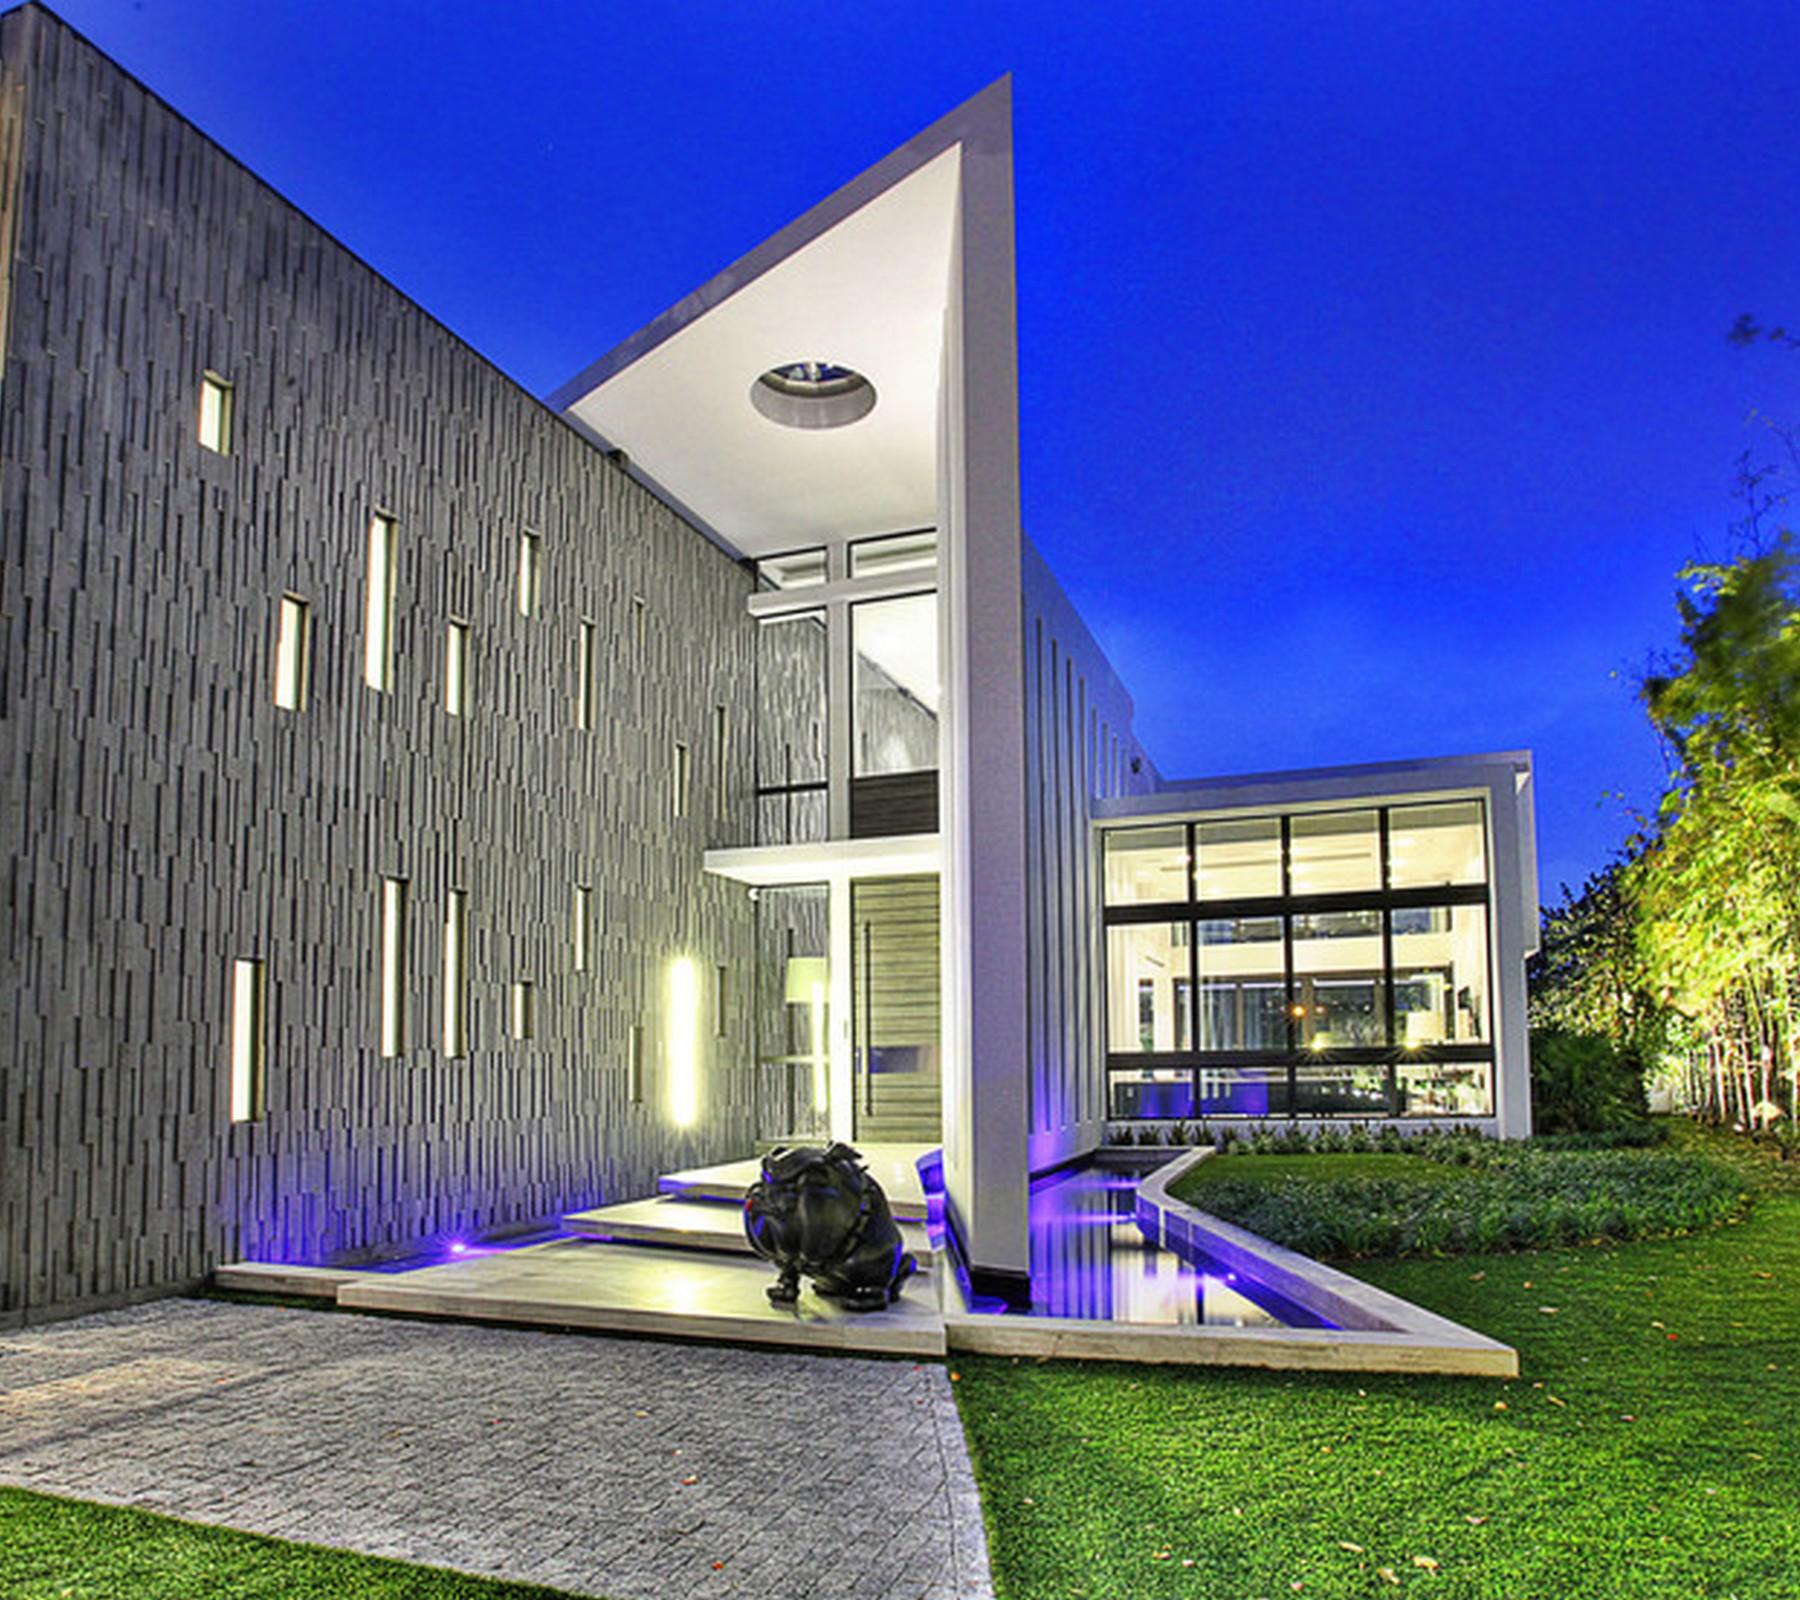 独户住宅 为 销售 在 528 Lakeview Ct 迈阿密海滩, 佛罗里达州, 33140 美国